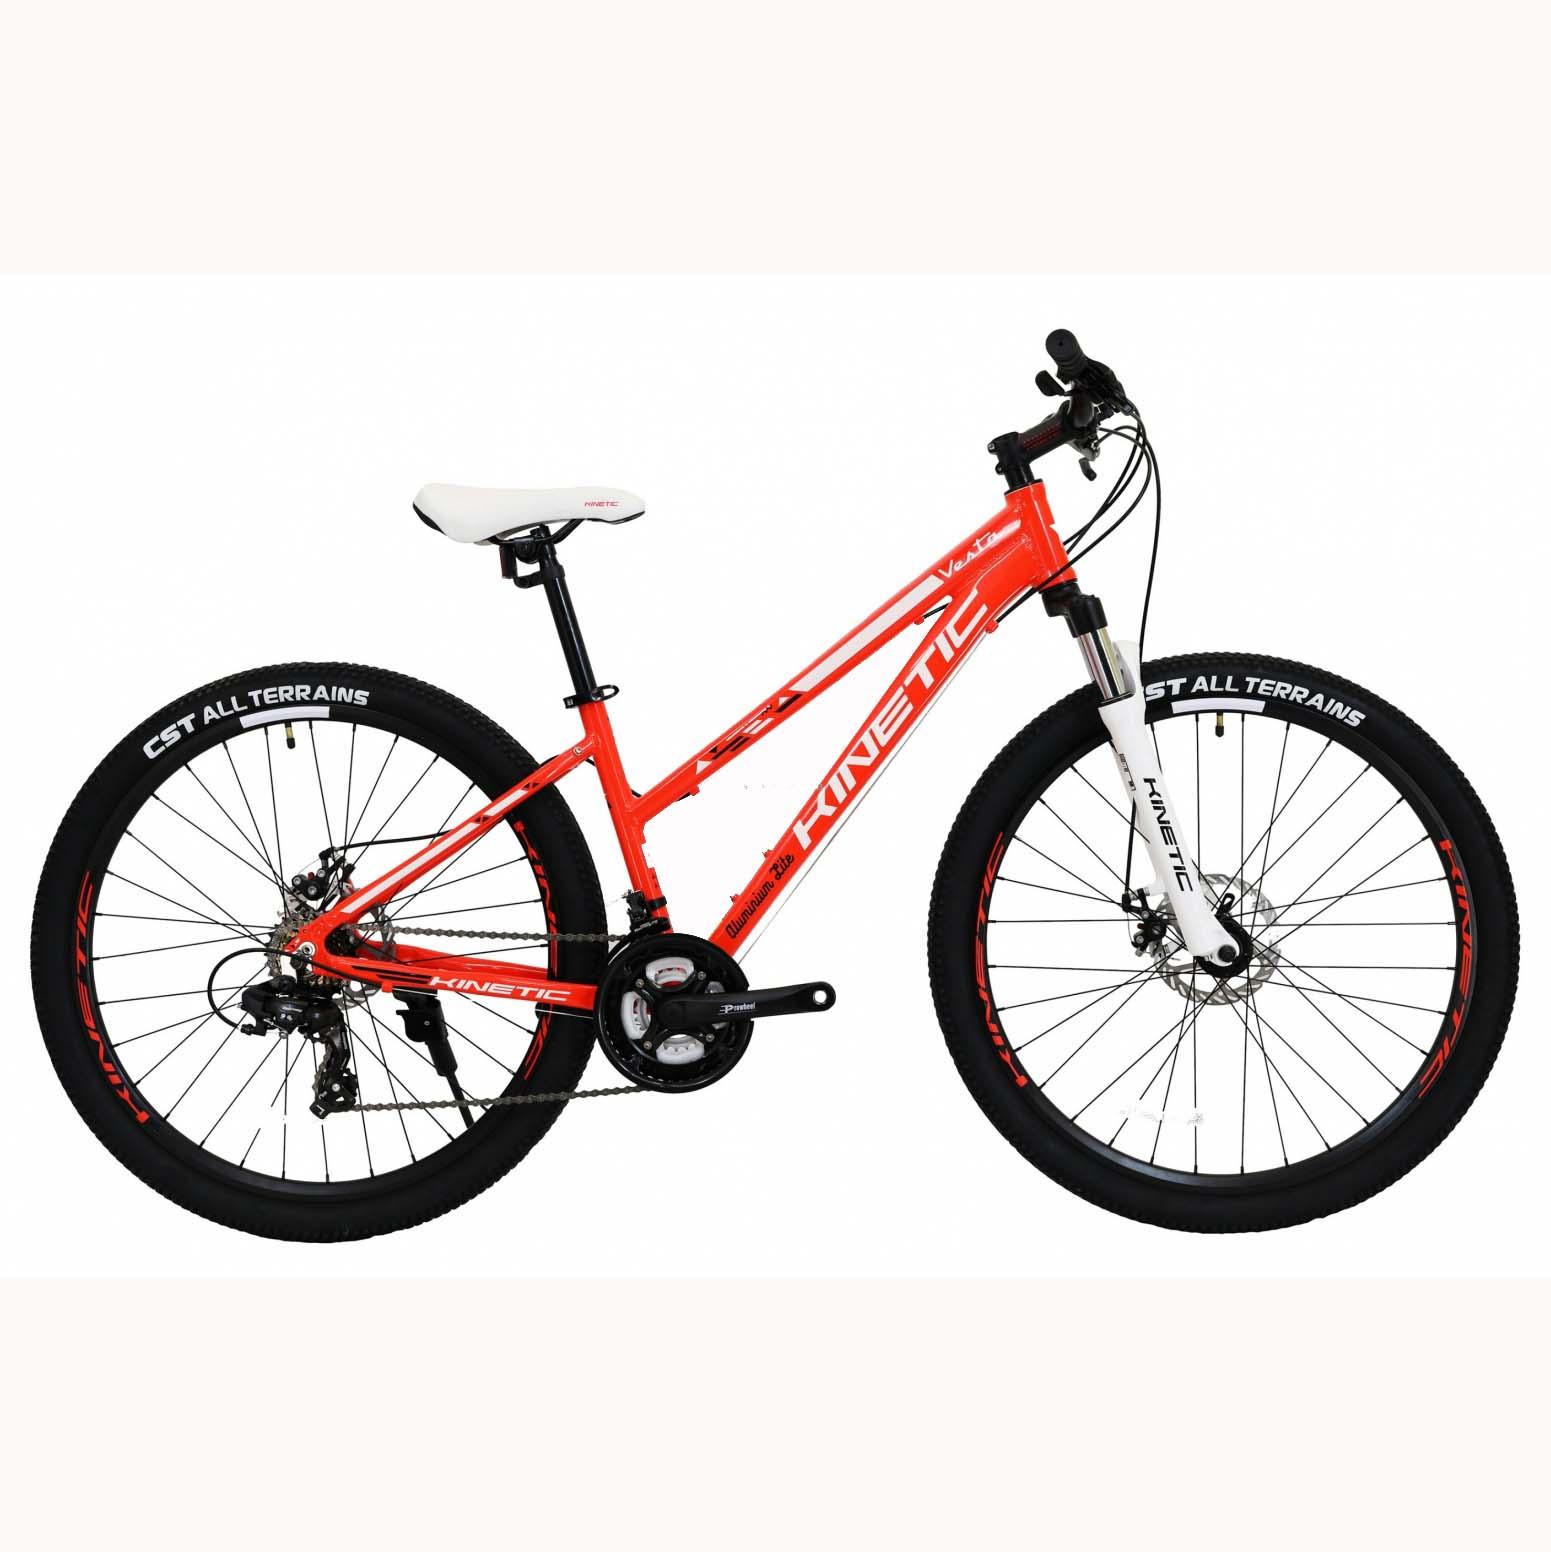 Фото Горный Женский Велосипед Kinetic 27,5″ VESTA  15,5″ (красный)